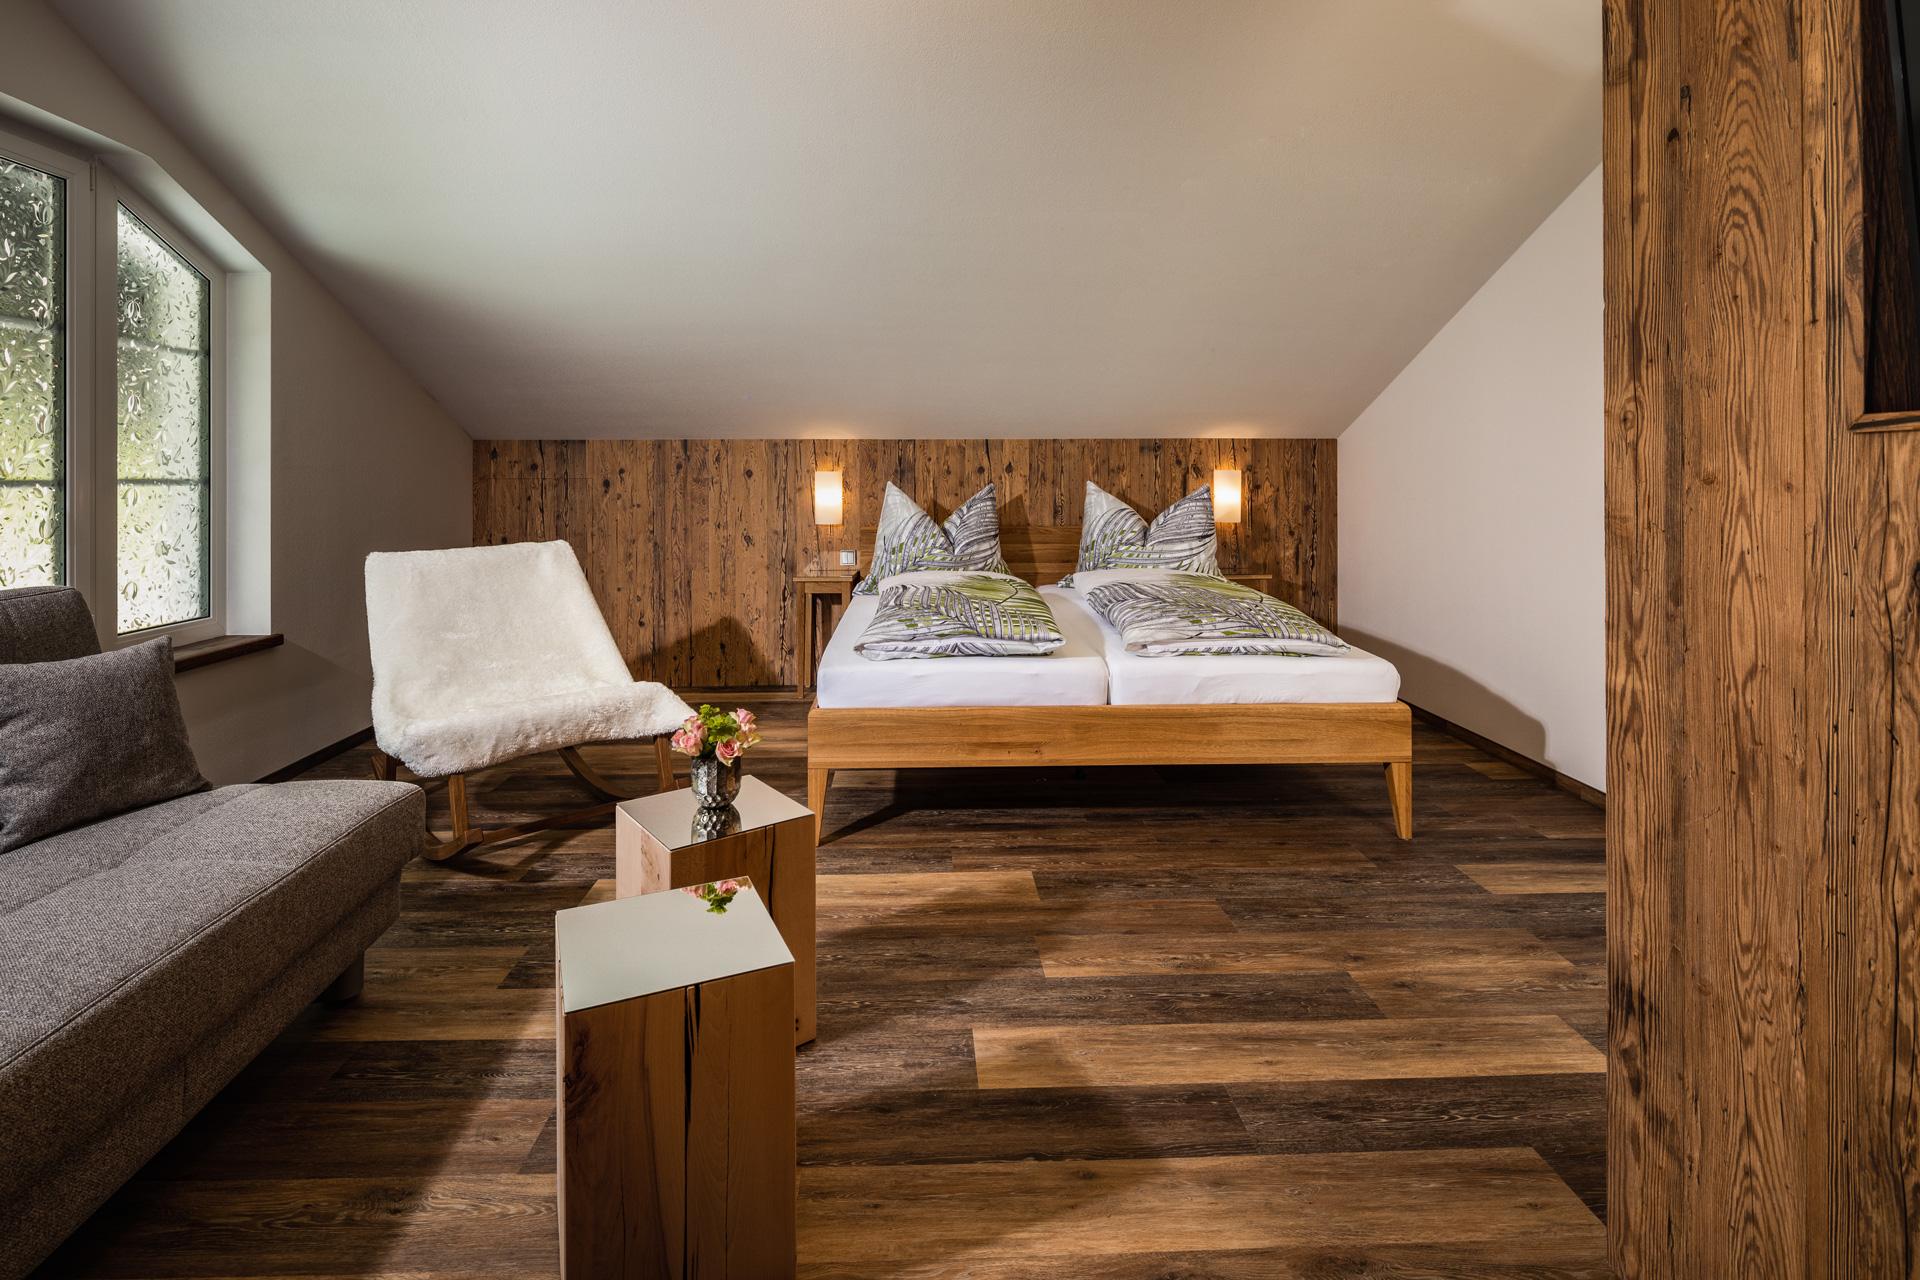 Schlafzimmer mit uriger Holzrückwand